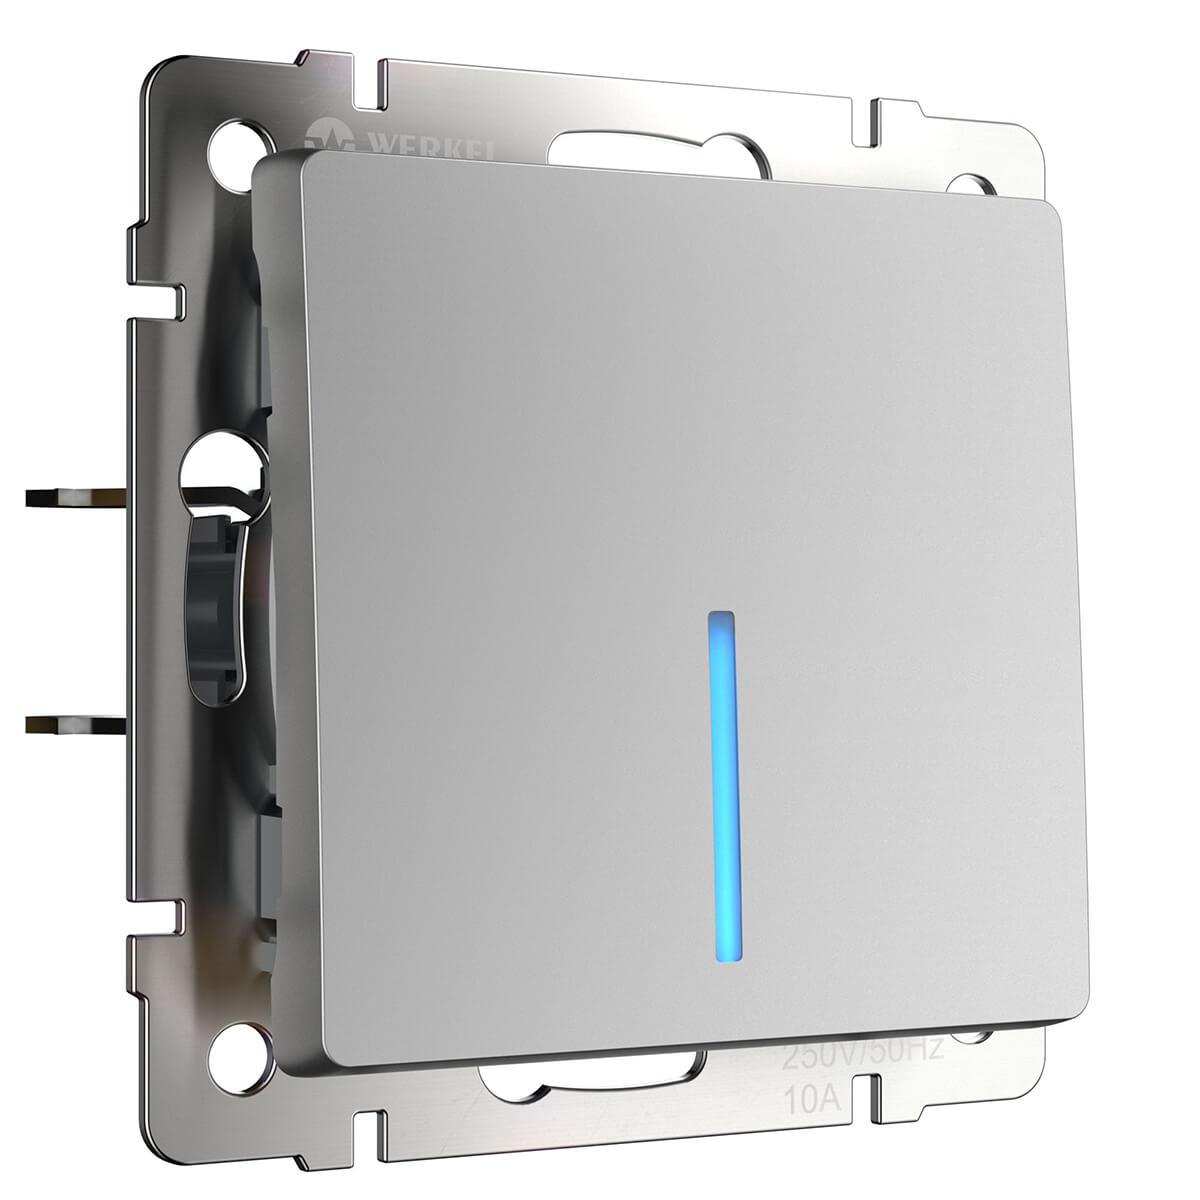 Выключатель Werkel 4690389053863 Серебряный werkel выключатель одноклавишный проходной с подсветкой серебряный wl06 sw 1g 2w led 4690389053863